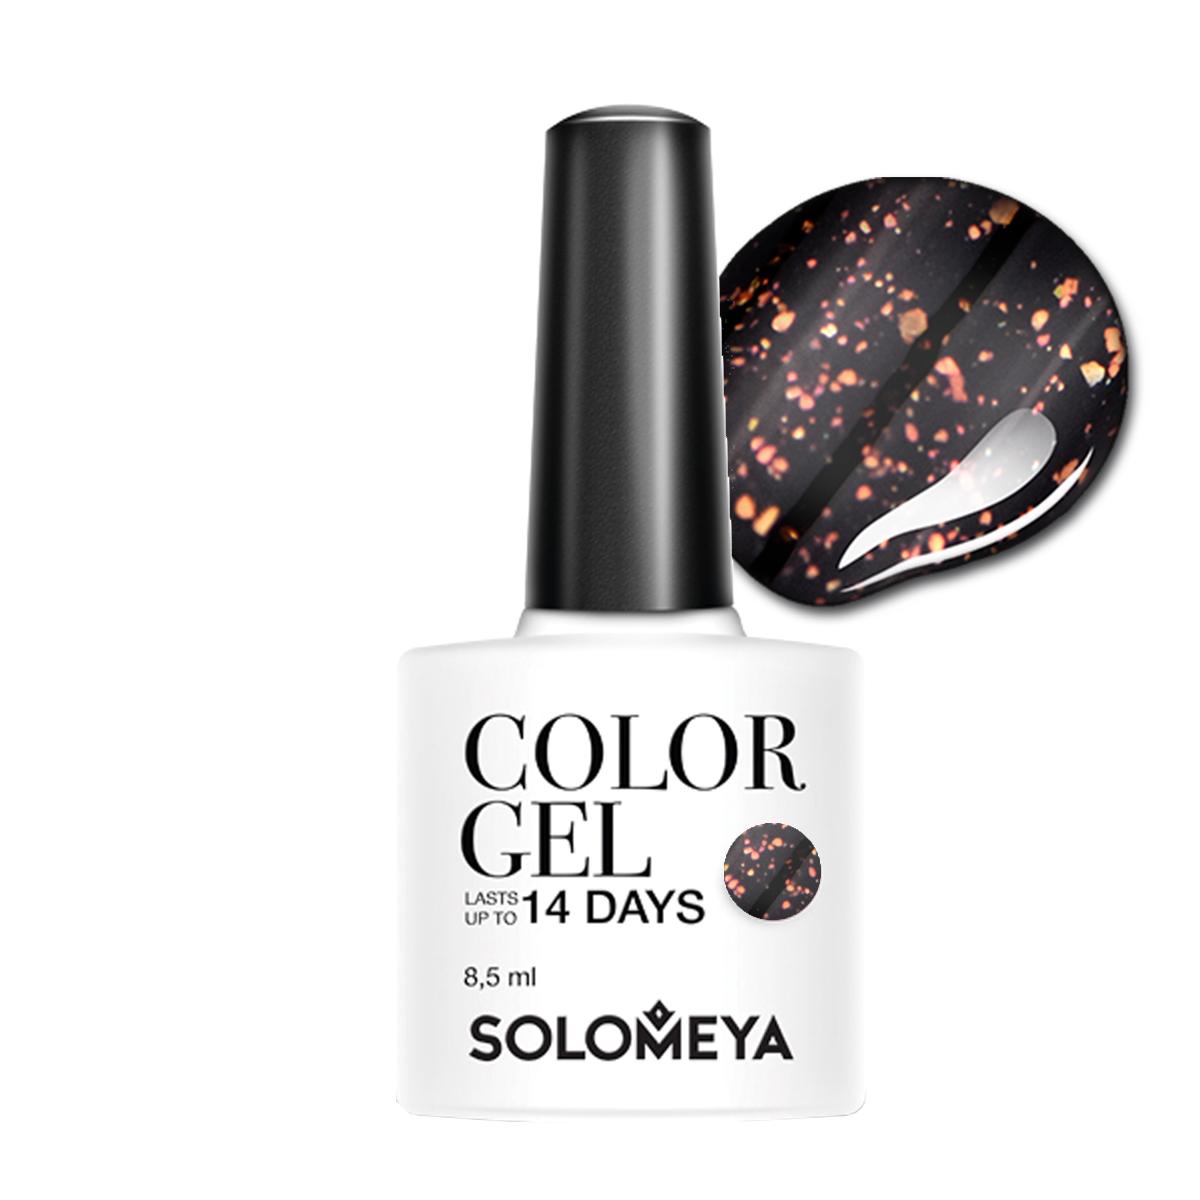 SOLOMEYA Гель-лак для ногтей SCGС042 Галактика / Color Gel Galaxy 8,5мл solomeya solomeya гель лак scgk083 беатрис гель лаки colorgel beatrice 08 1568 8 5 мл